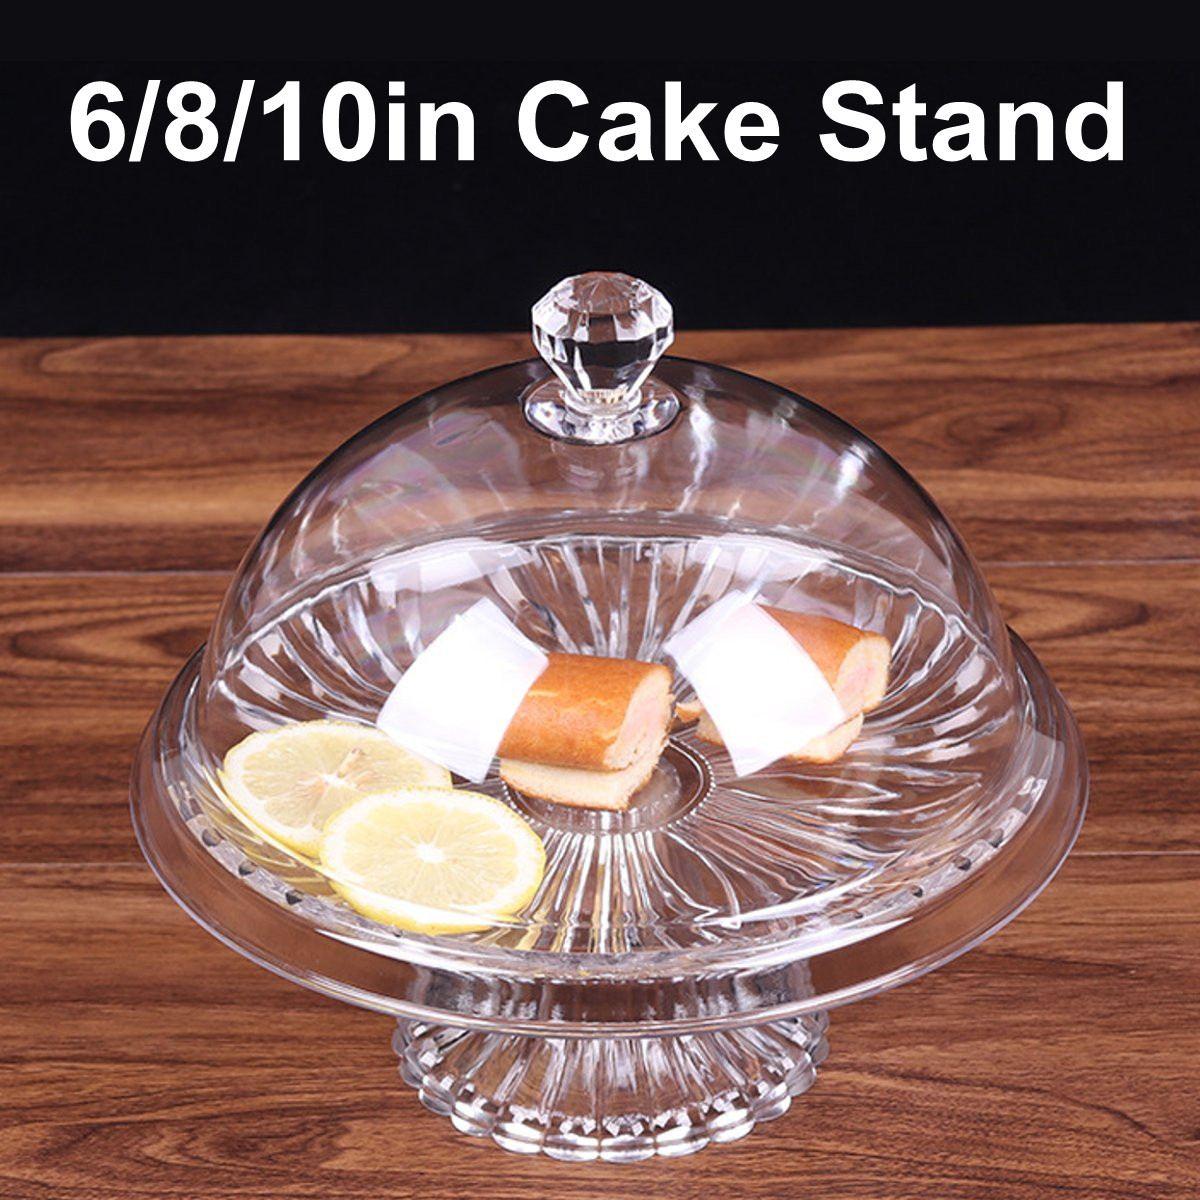 3 размера, прозрачная акриловая круглая подставка для торта, пищевая, ПК, пылезащитная крышка, стеклянная пищевая крышка, тарелка и крышка для свадьбы, дня рождения, Декор